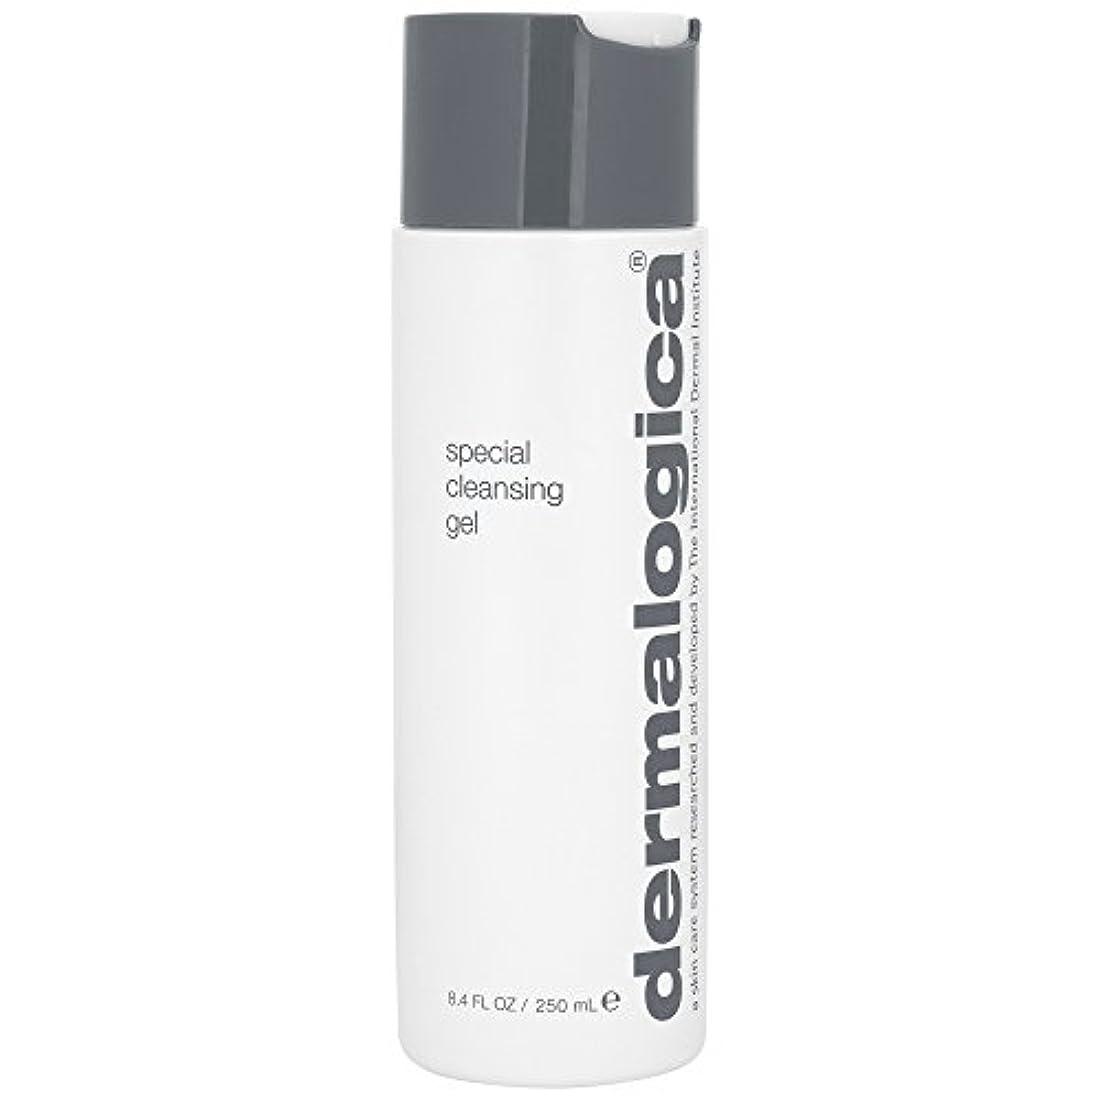 下向きセットする太鼓腹ダーマロジカ特別なクレンジングゲル250ミリリットル (Dermalogica) - Dermalogica Special Cleansing Gel 250ml [並行輸入品]